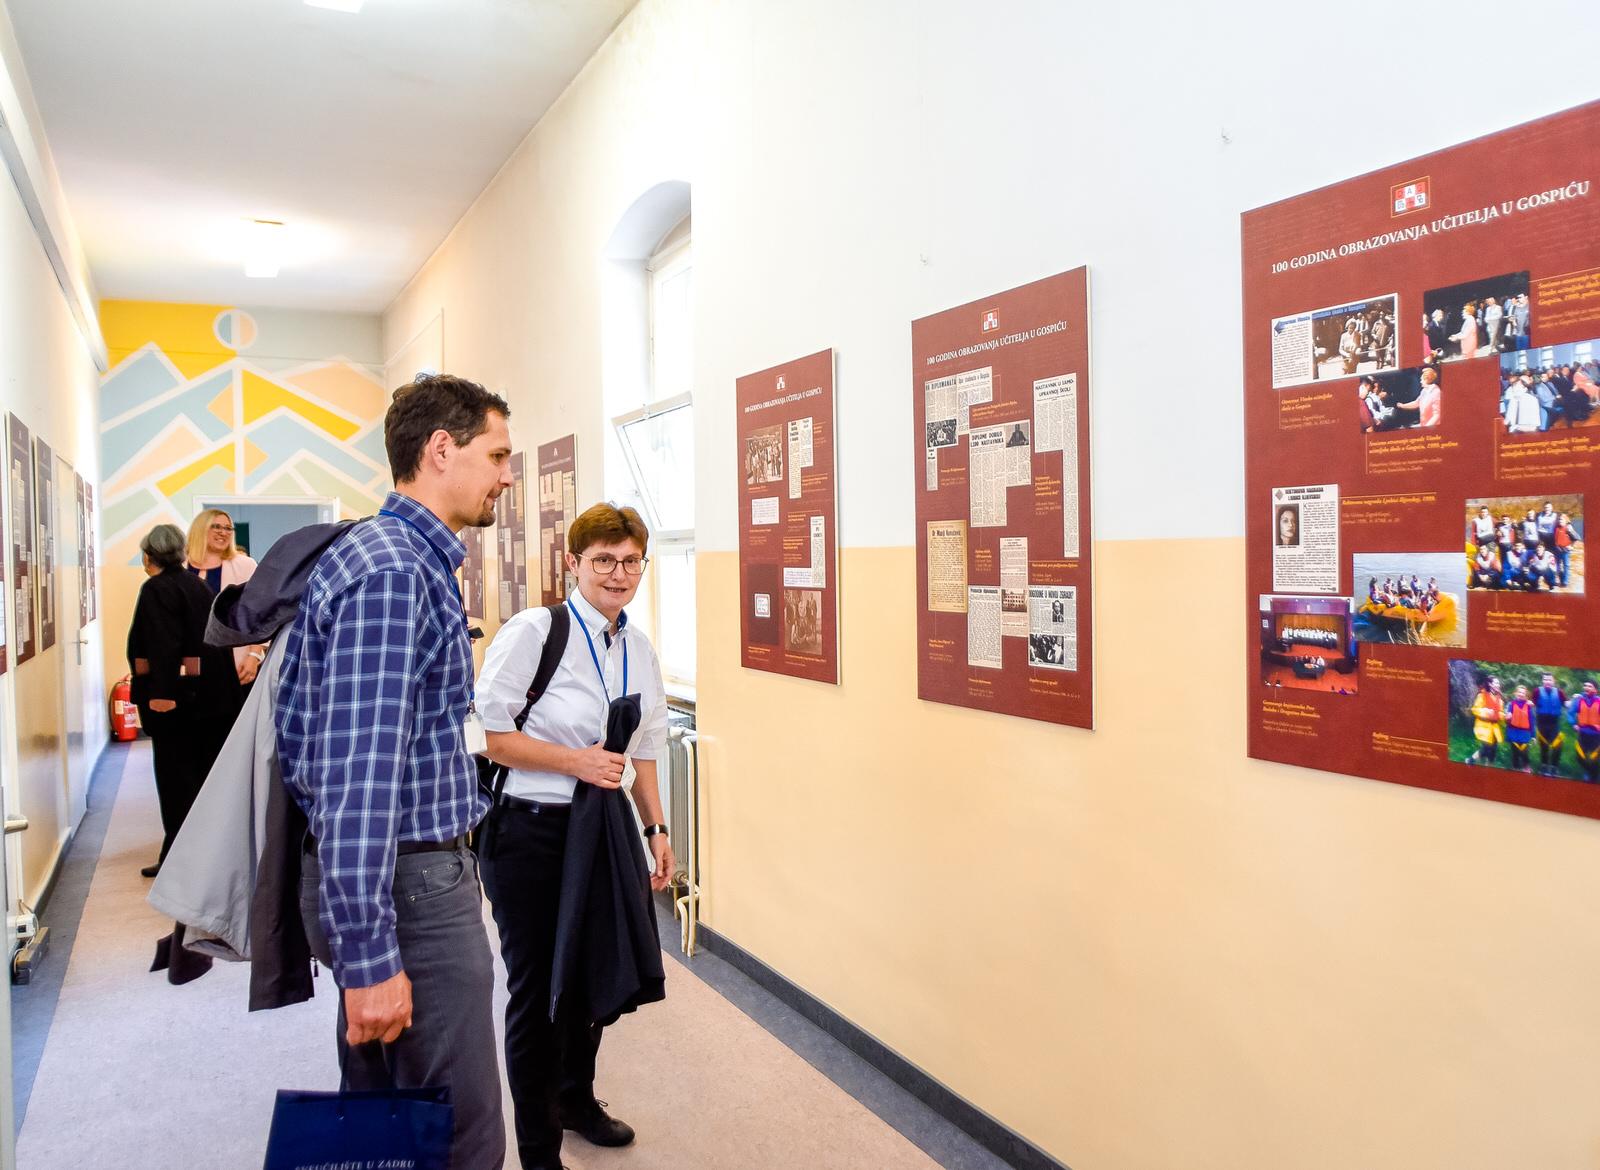 likaclub_gospić_100-godina-obrazovanja-učitelja-u-gospiću_2019-5